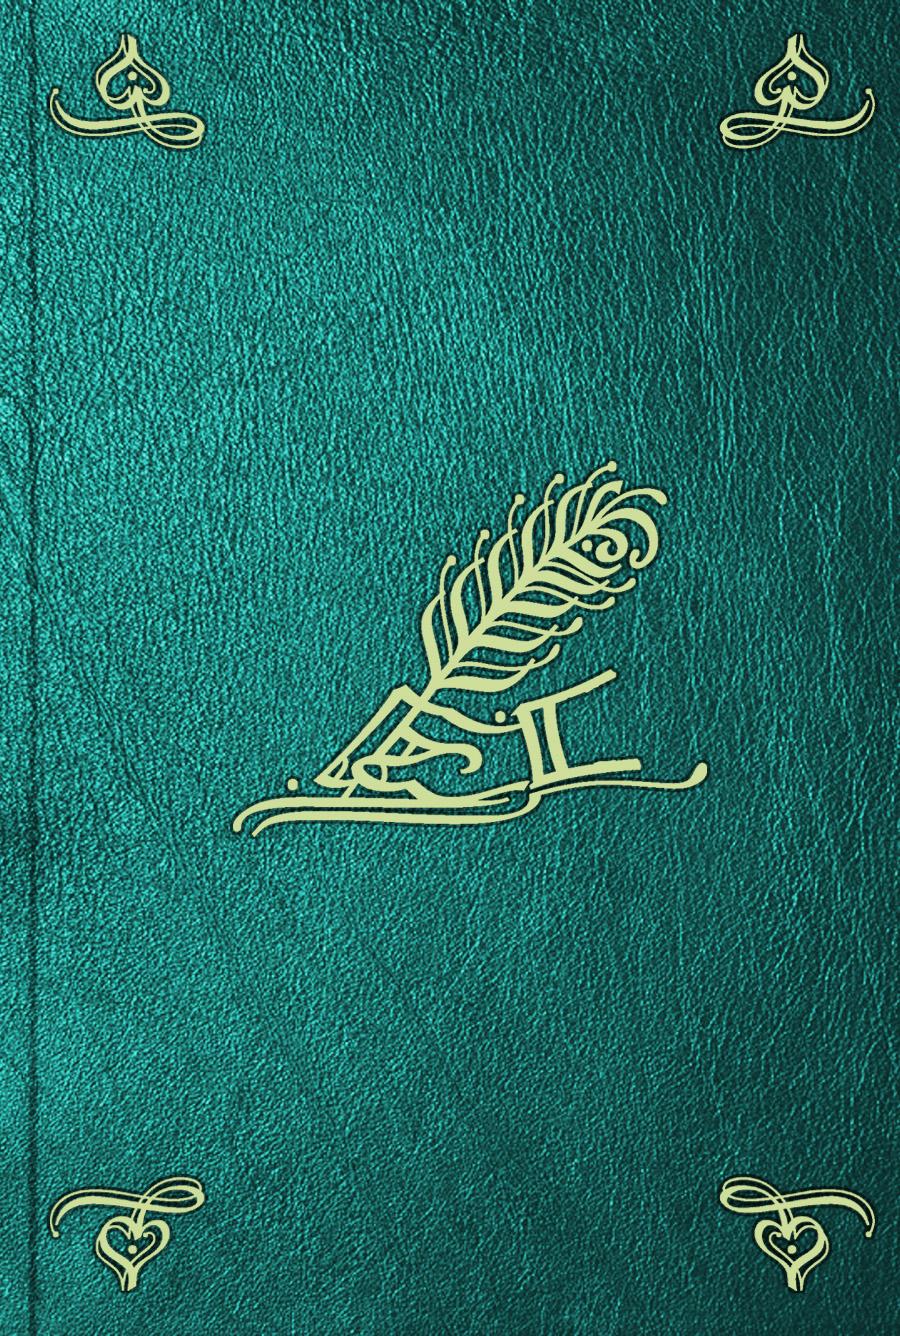 Comte de Buffon Georges Louis Leclerc Histoire naturelle. T. 12. Oiseaux comte de buffon georges louis leclerc histoire naturelle t 6 oiseaux